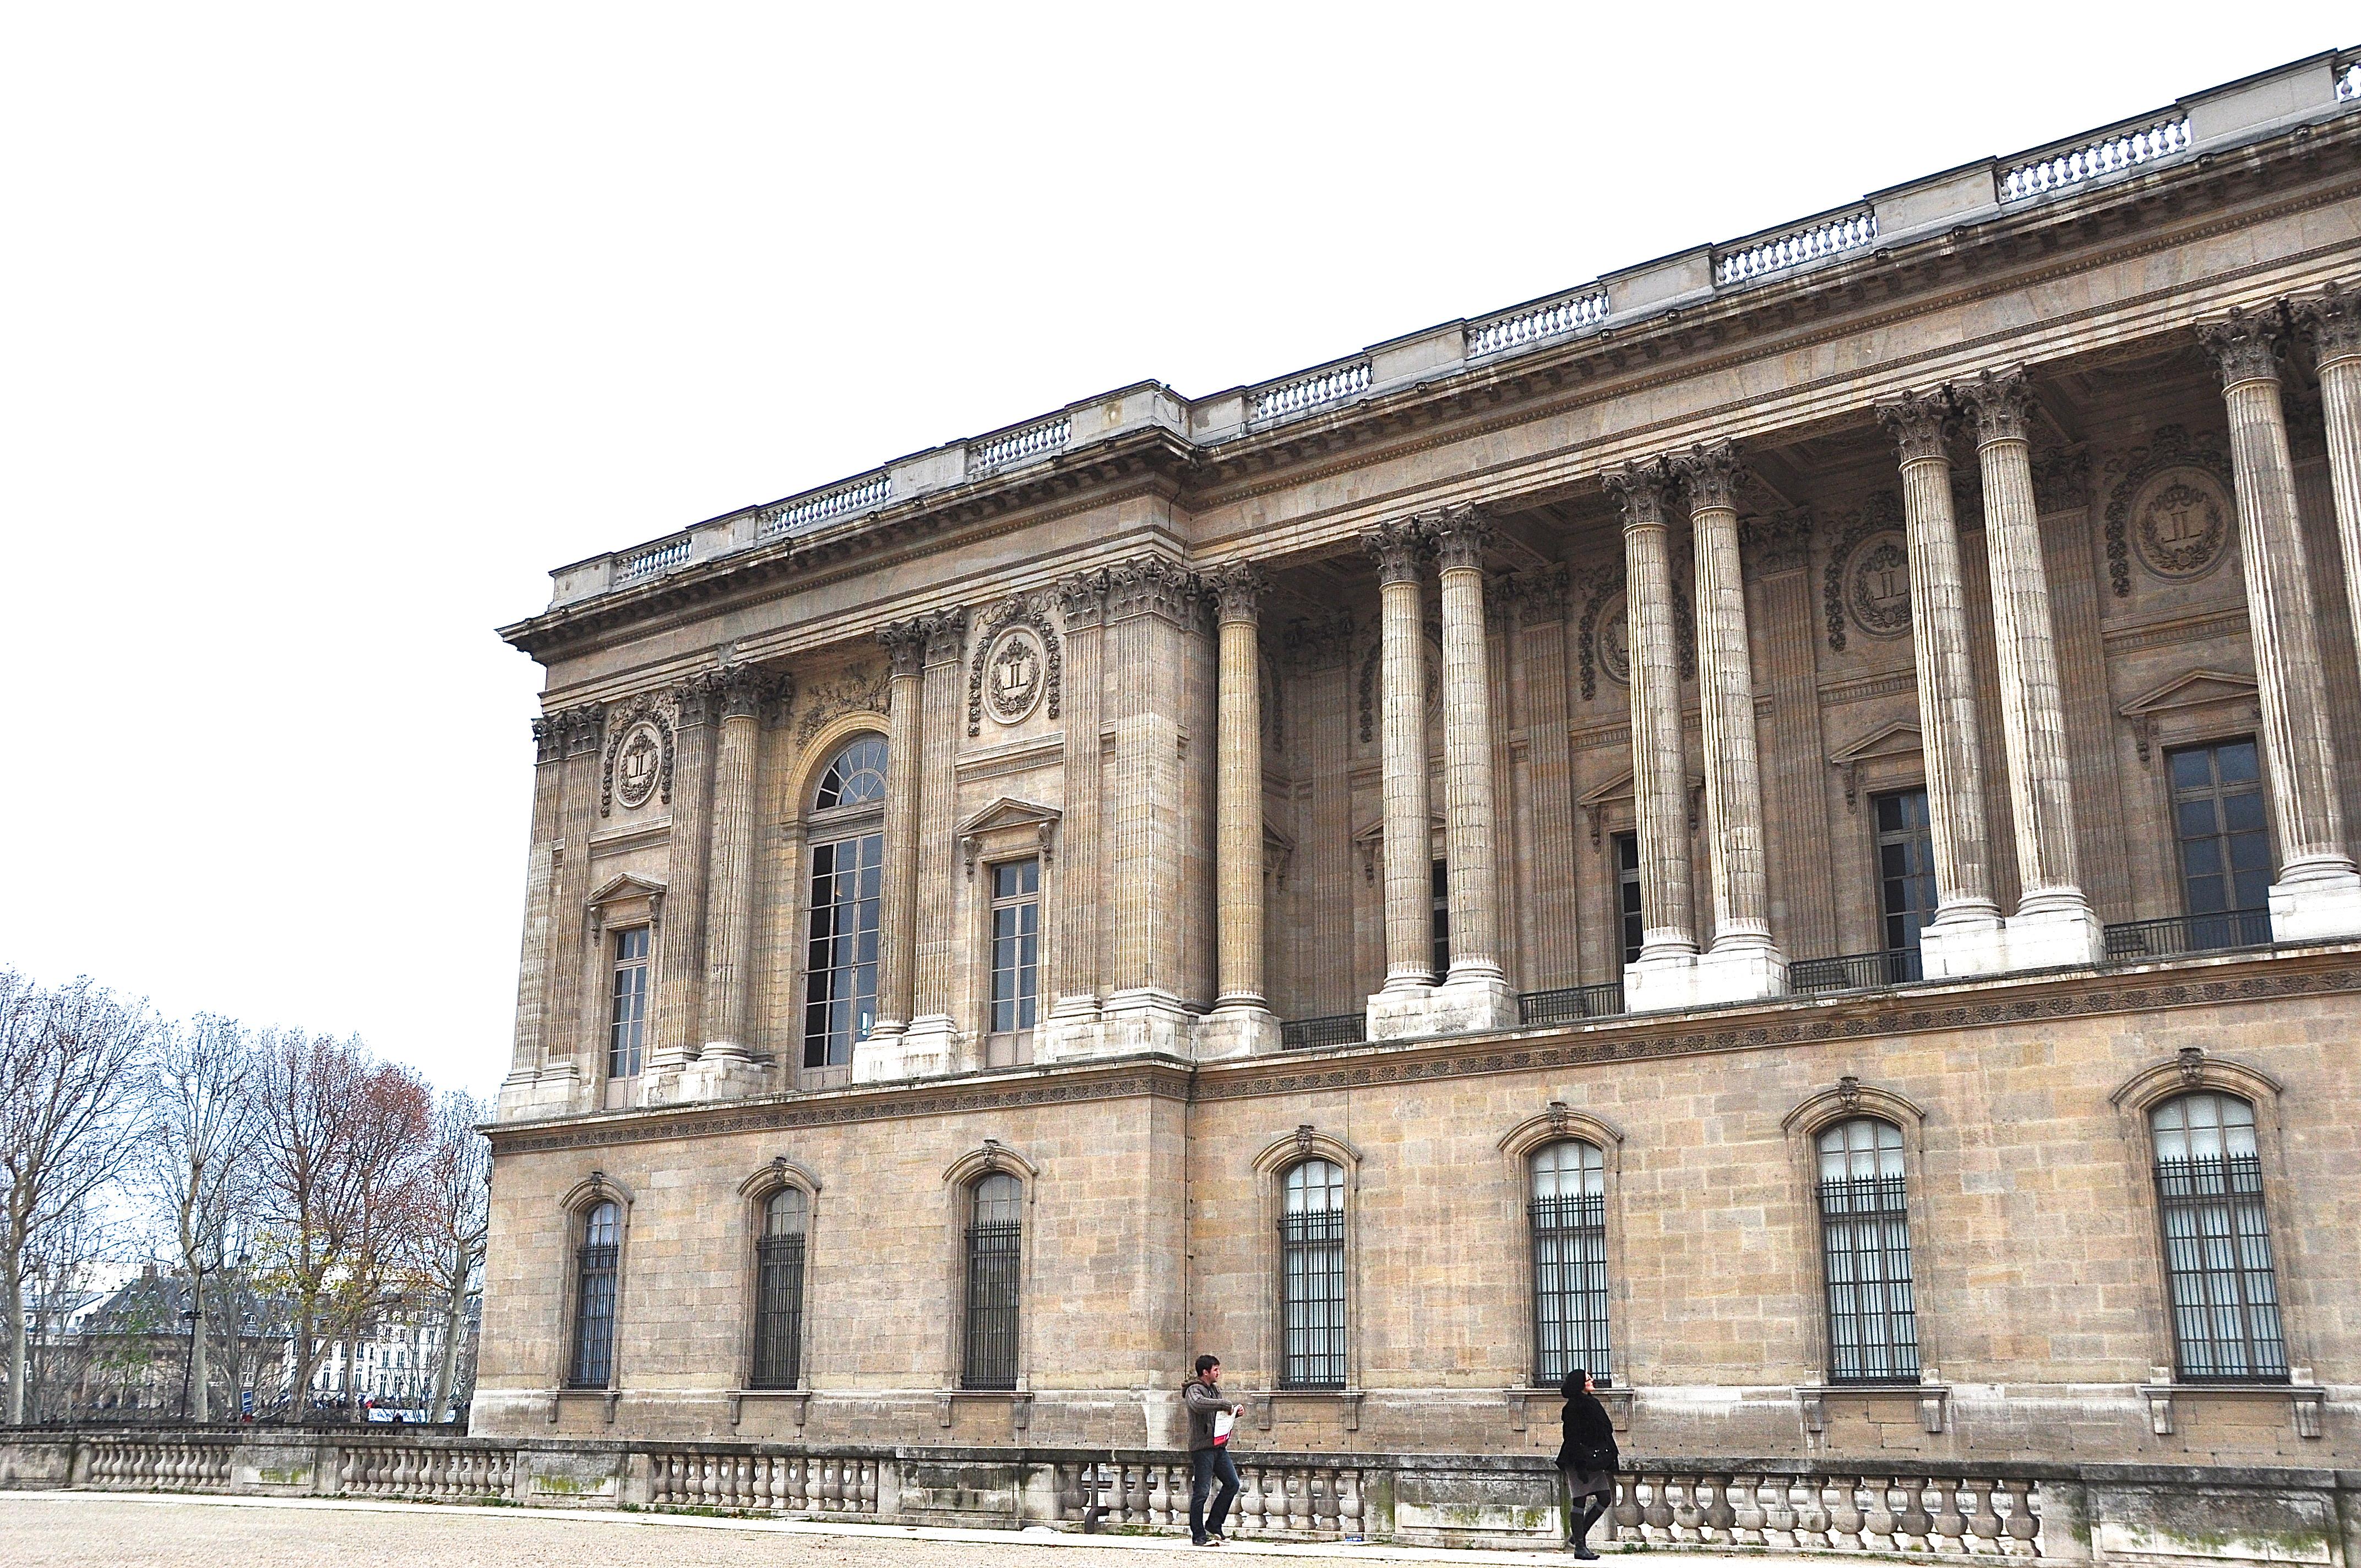 Pavillon méridional, Colonnade de Perrault, façade orientale du Louvre, Paris